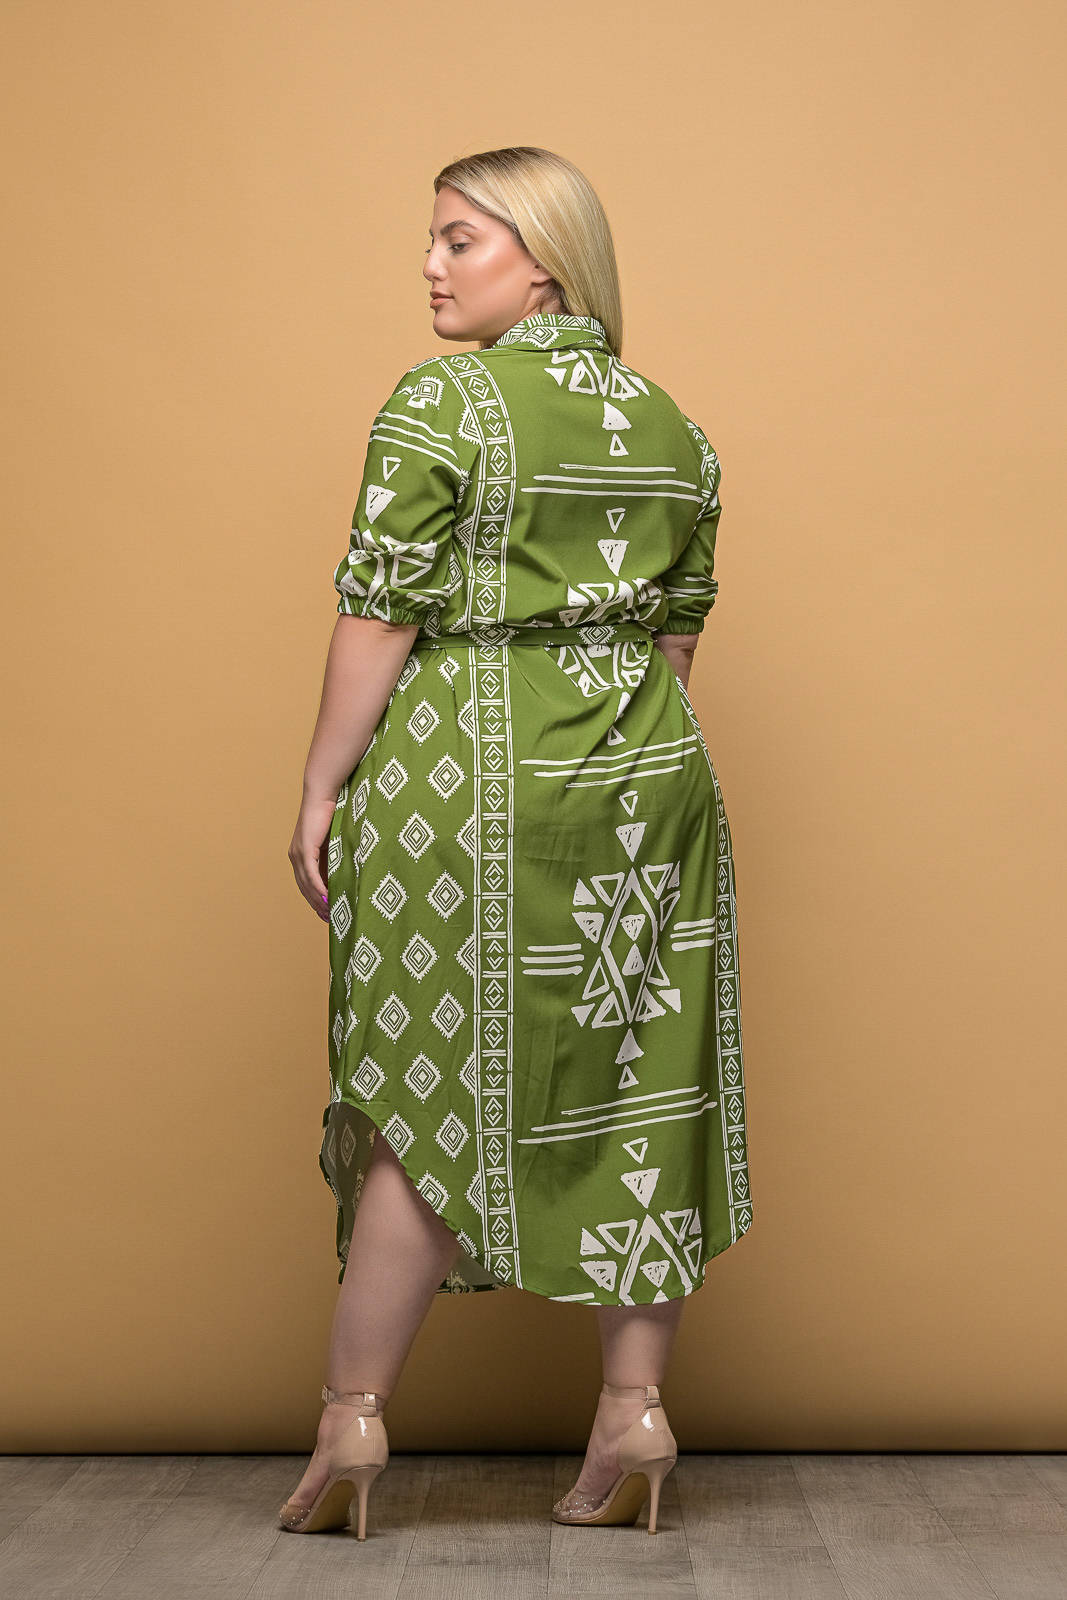 Σεμιζιέ μεγάλα μεγέθη φόρεμα πράσινο με άσπρα μοτίβα και ζωνάκι στην μέσ.Στο eshop μας θα βρείτε οικονομικά γυναίκεια ρούχα σε μεγάλα μεγέθη και υπερμεγέθη.